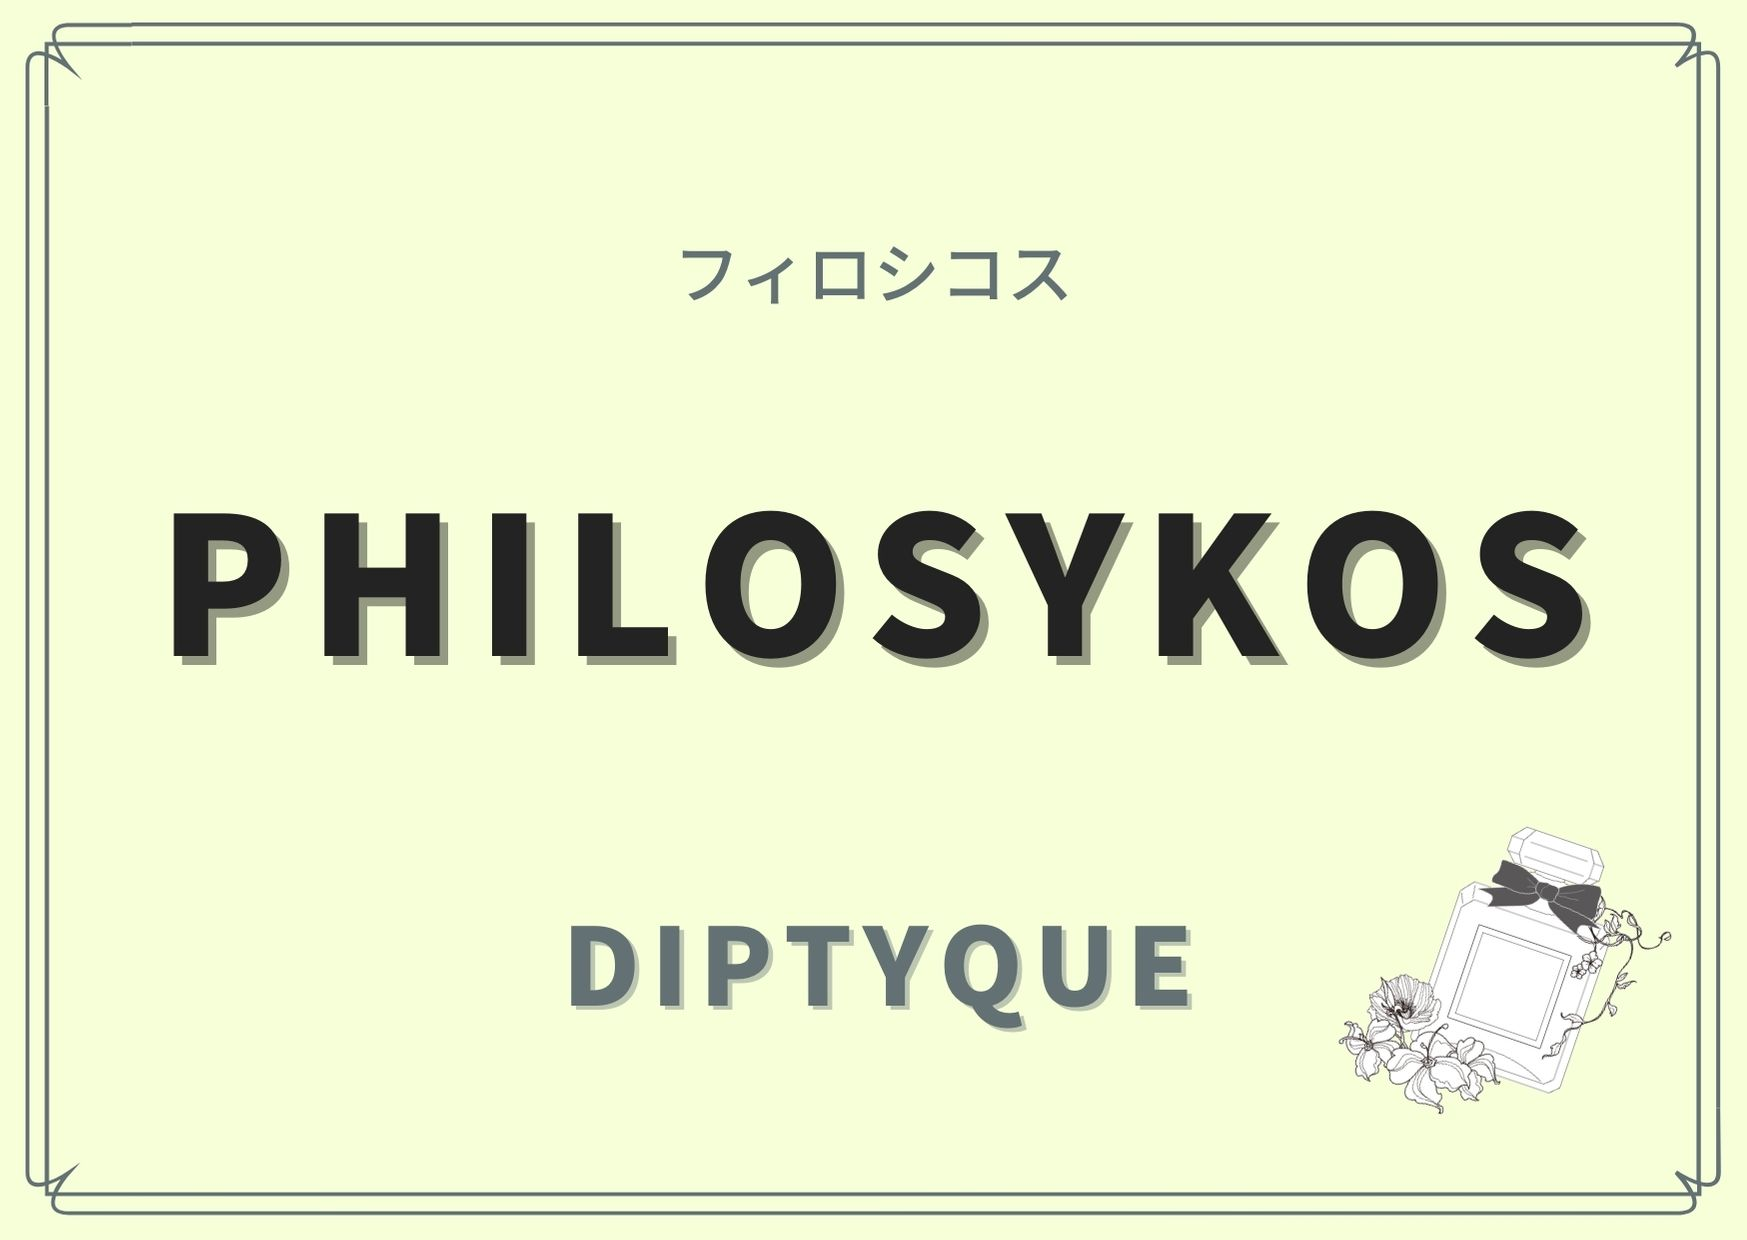 PHILOSYKOS(フィロシコス) / DIPTYQUE(ディプティック)